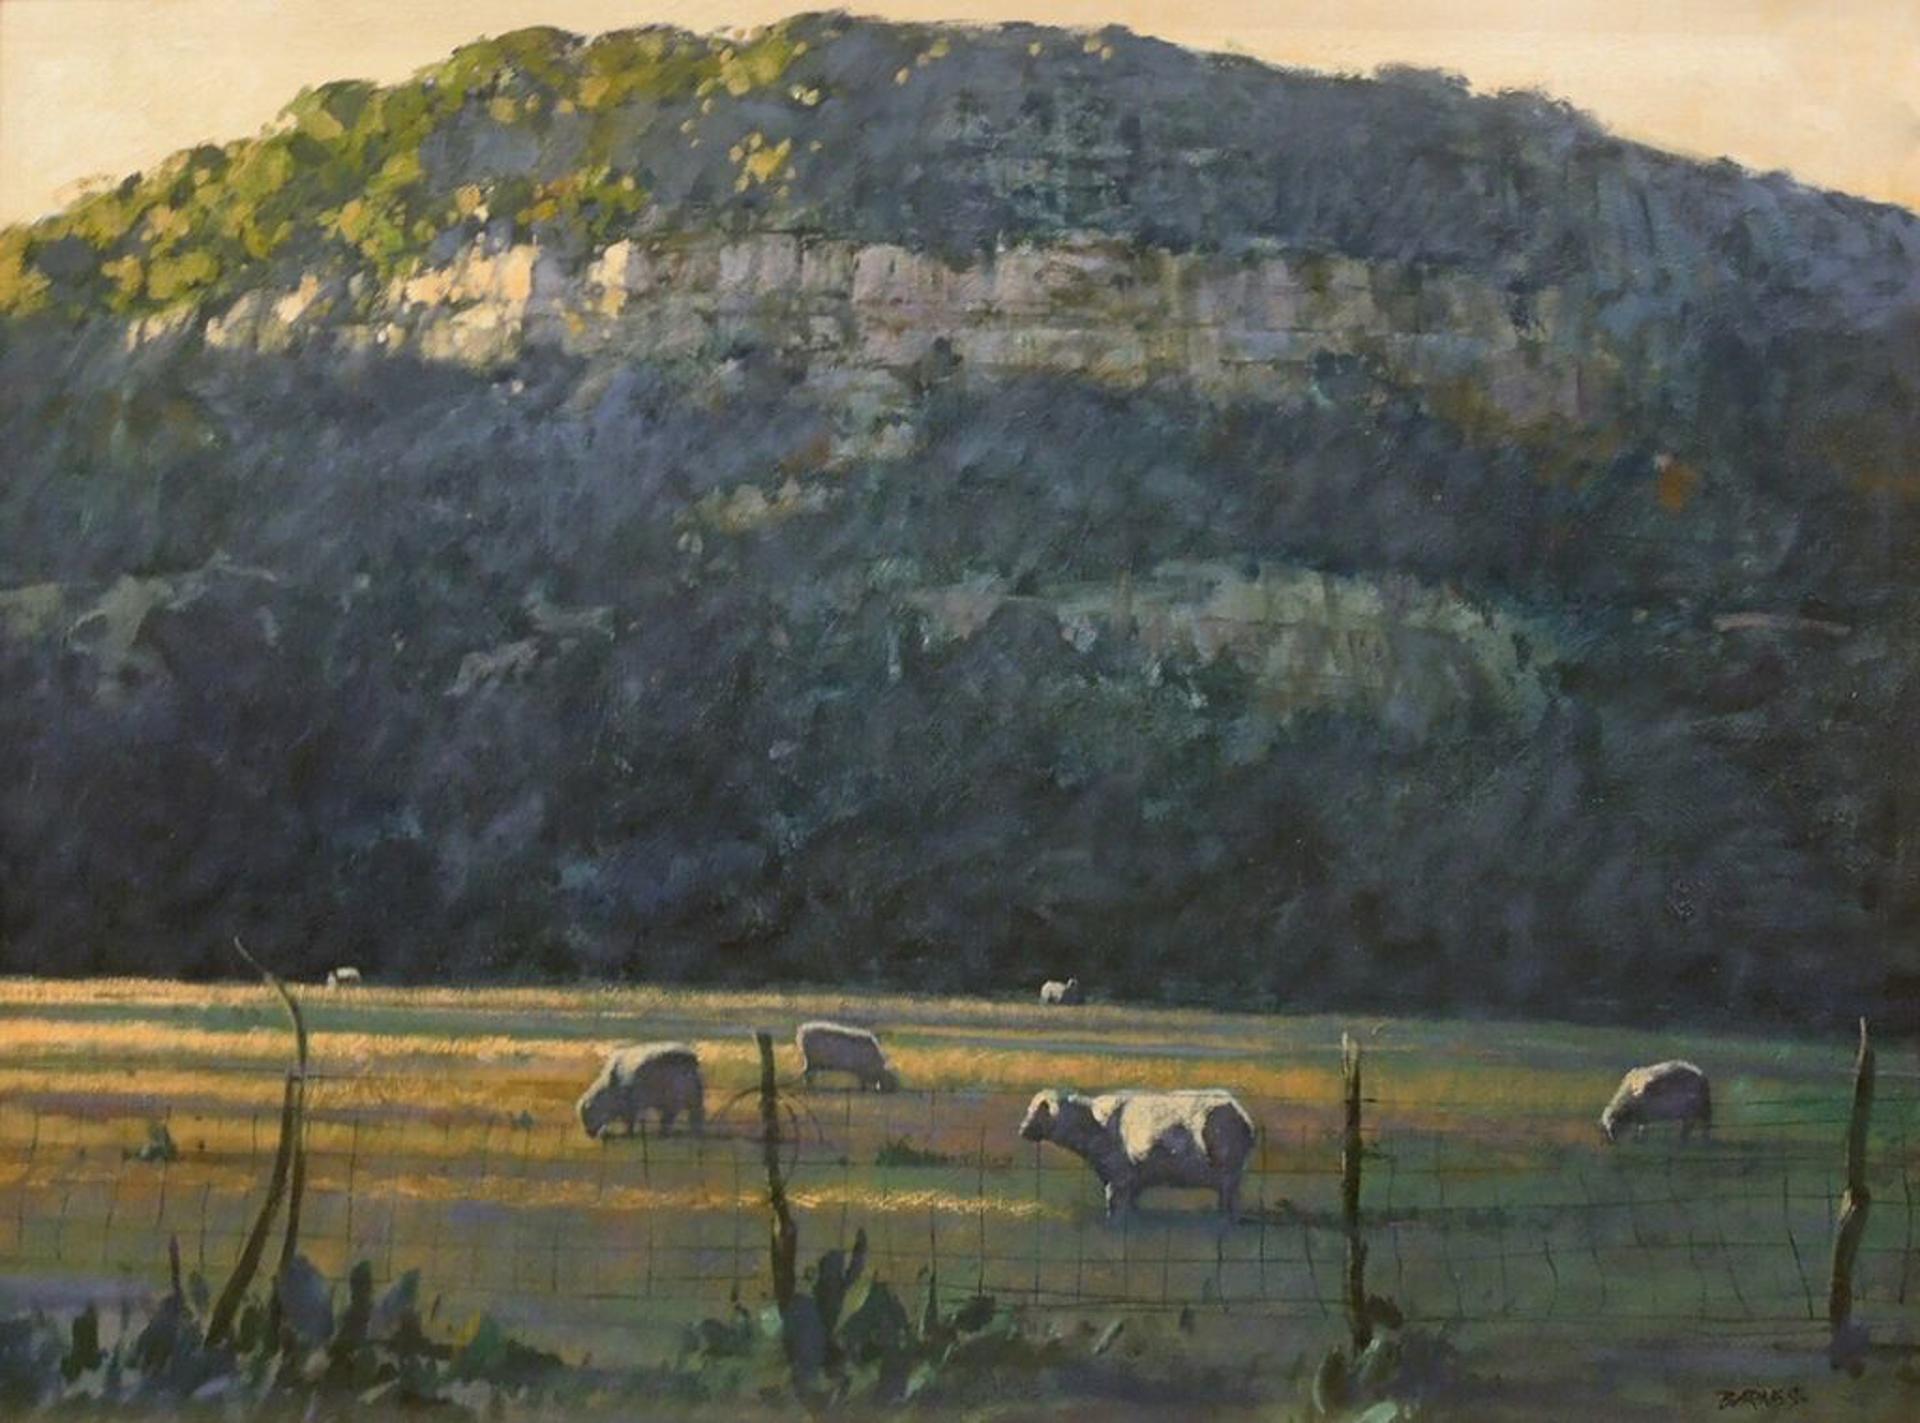 Kerr County by Al Barnes